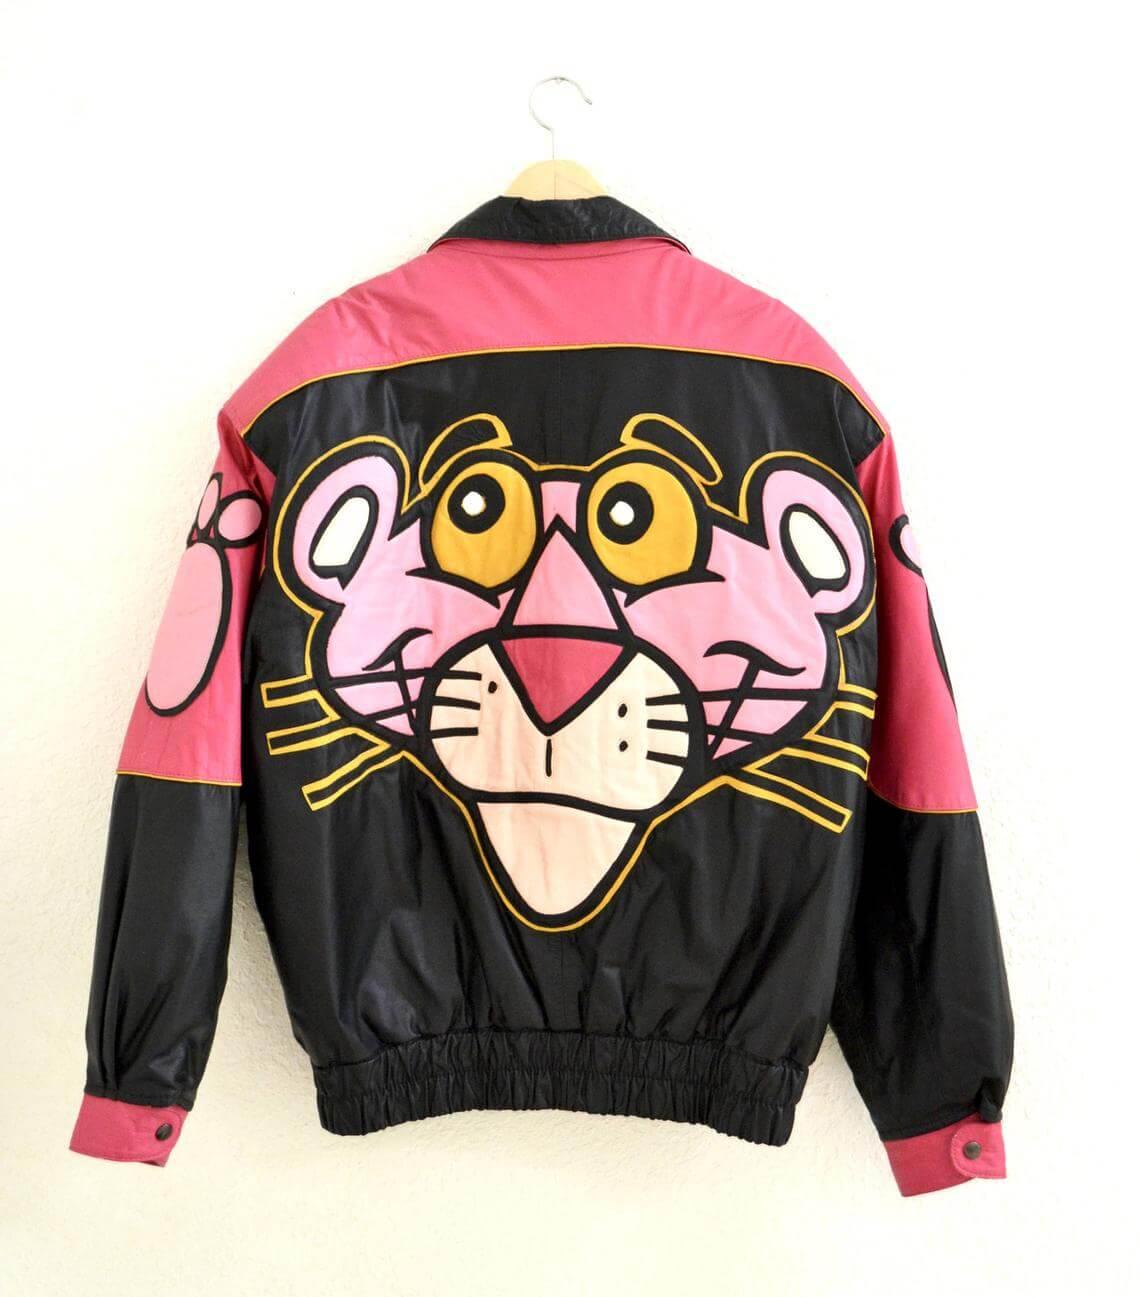 Vintage Pink Panther Cartoon Anime Jacket